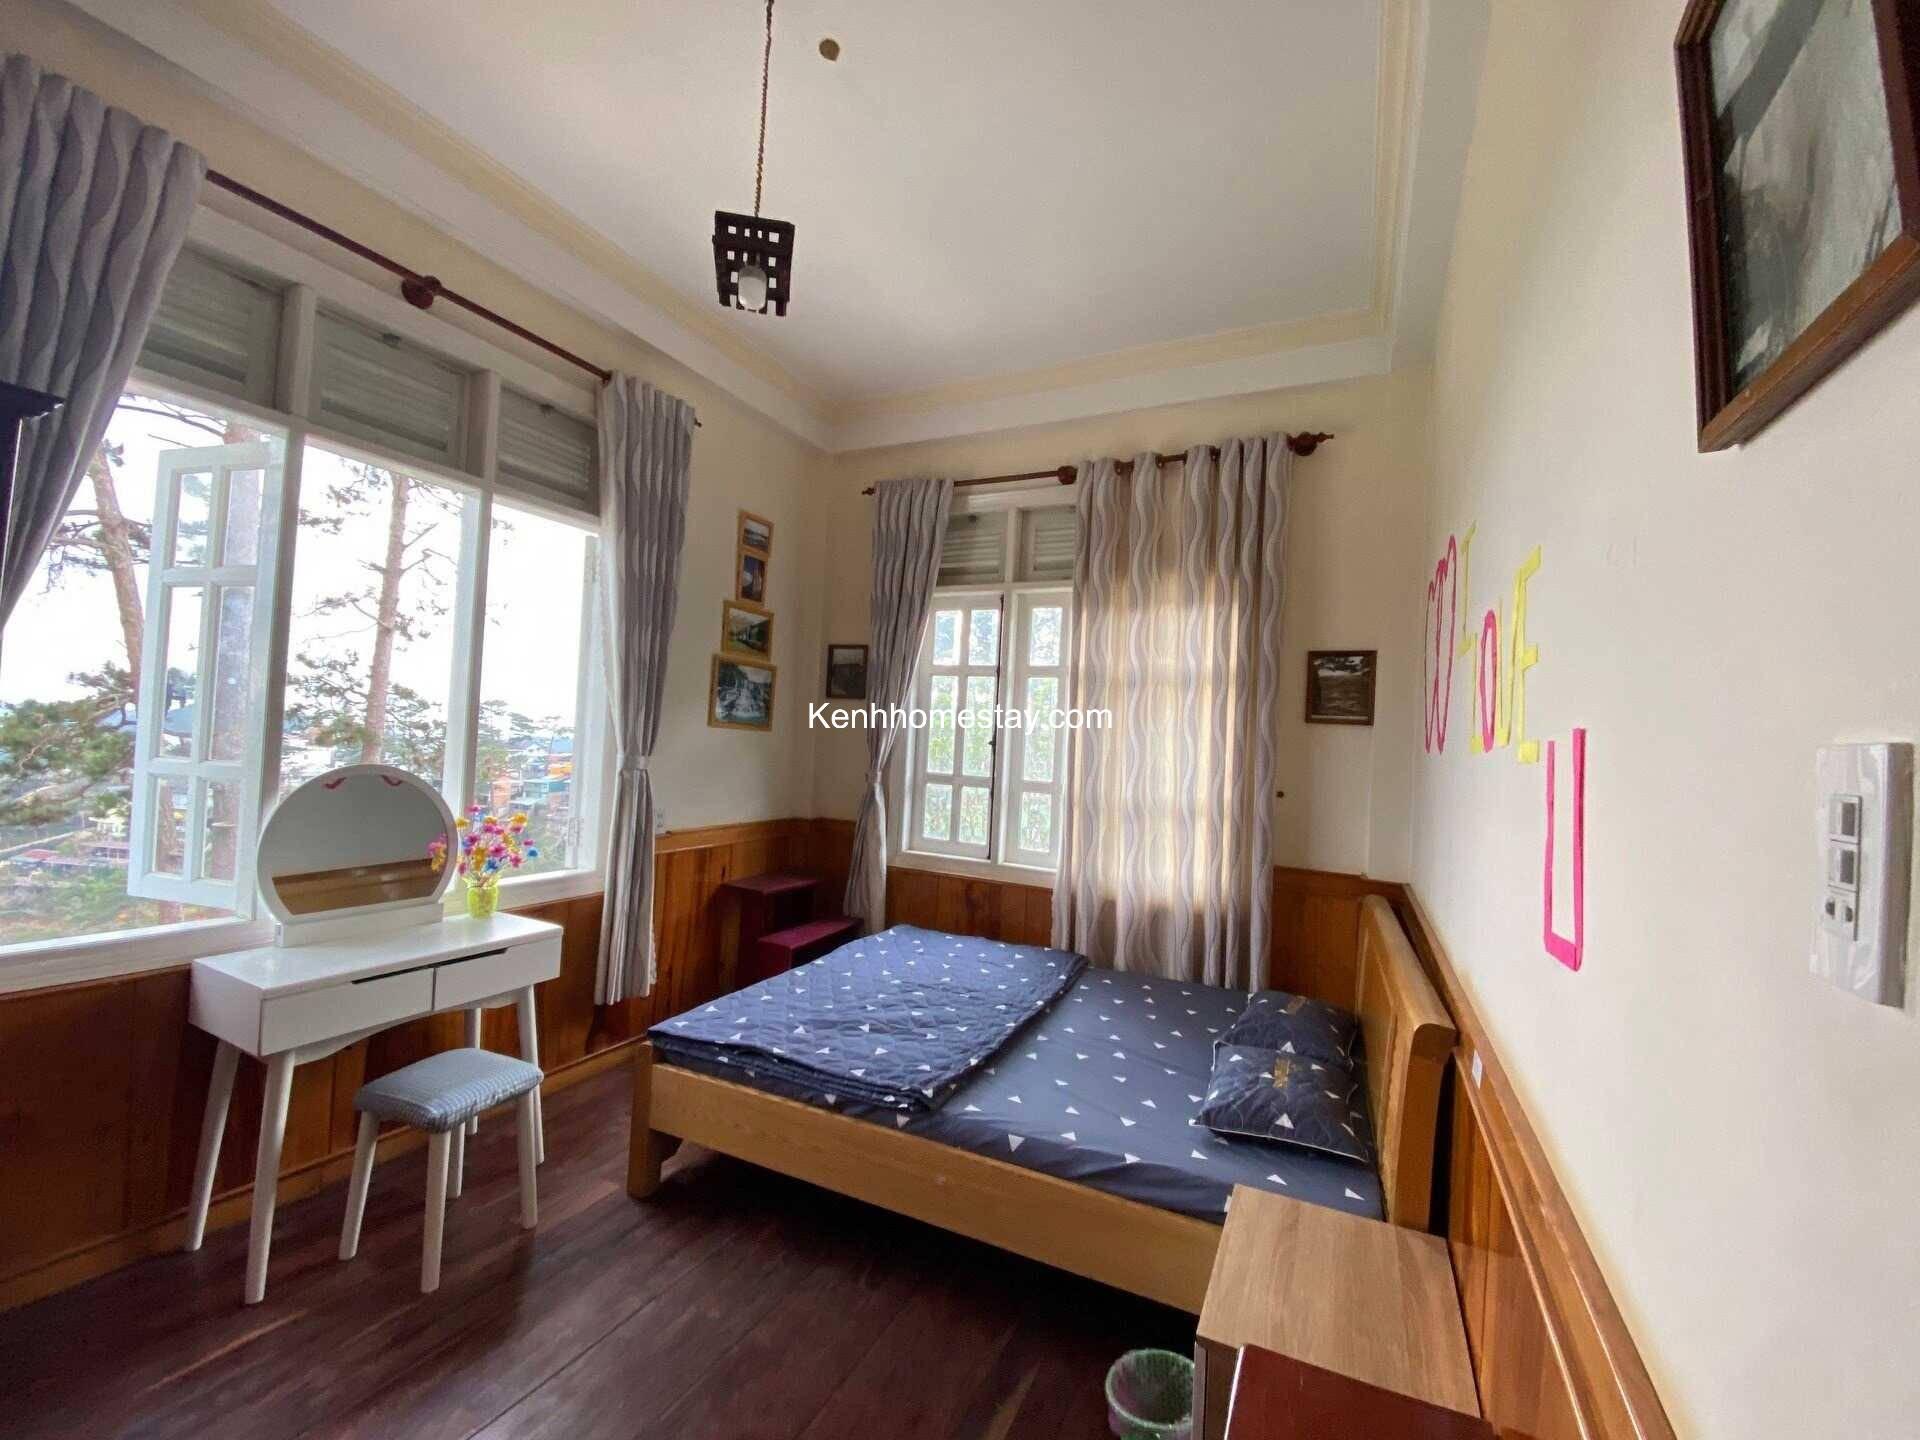 54 Biệt thự villa Đà Lạt giá rẻ view đẹp gần chợ trung tâm có hồ bơi